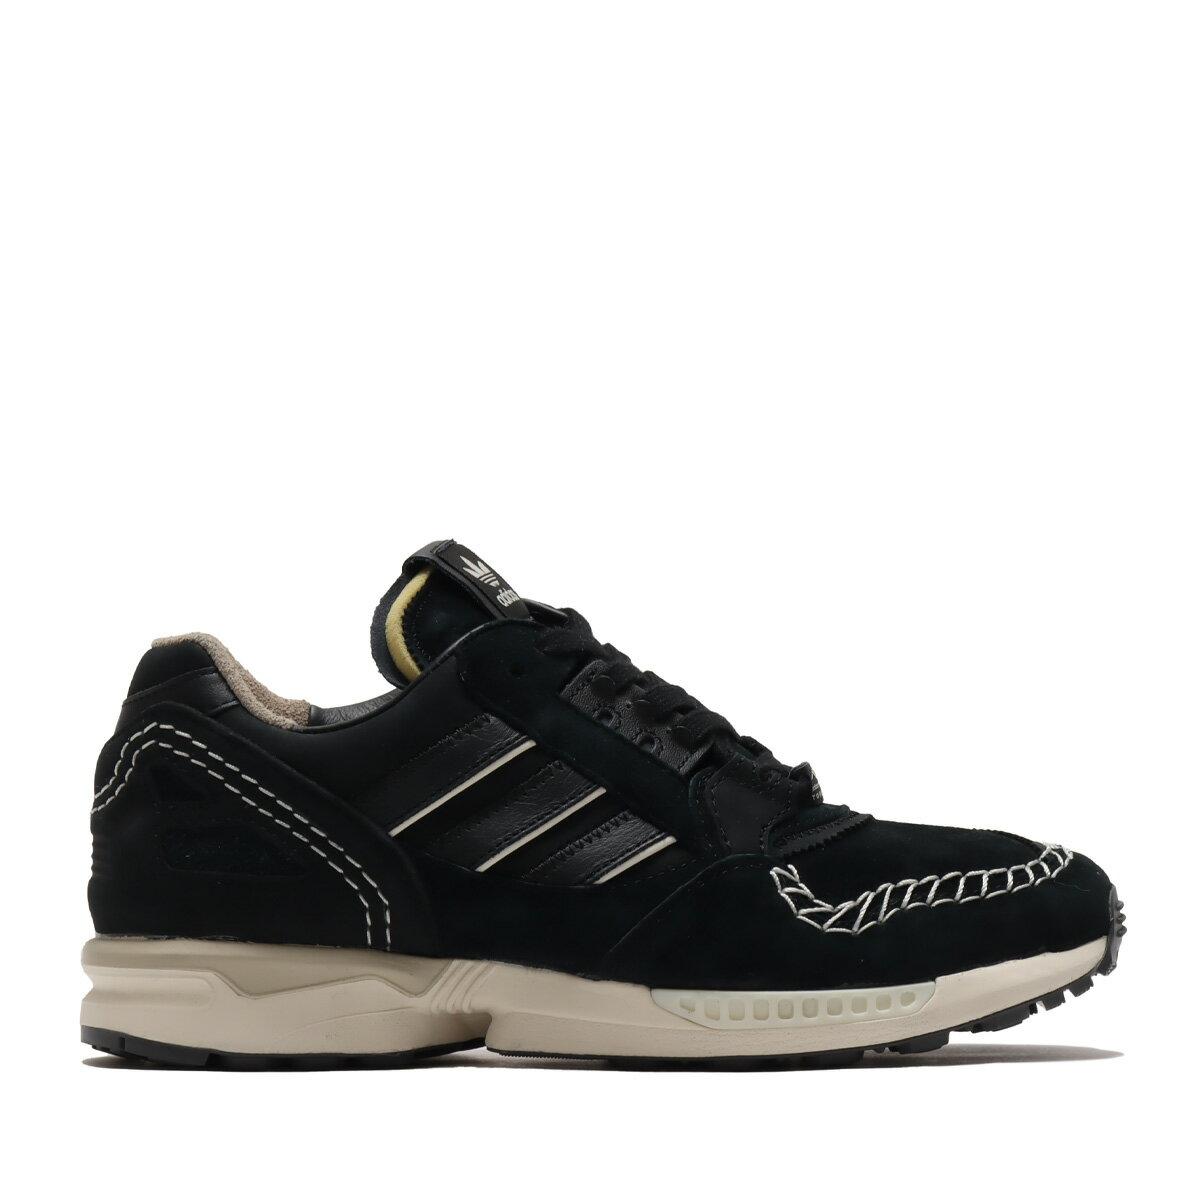 メンズ靴, スニーカー adidas ZX 9000 YUCATAN(CORE BLACKCORE BLACKCREAM WHITE)( ZX 9000 )21SS-S